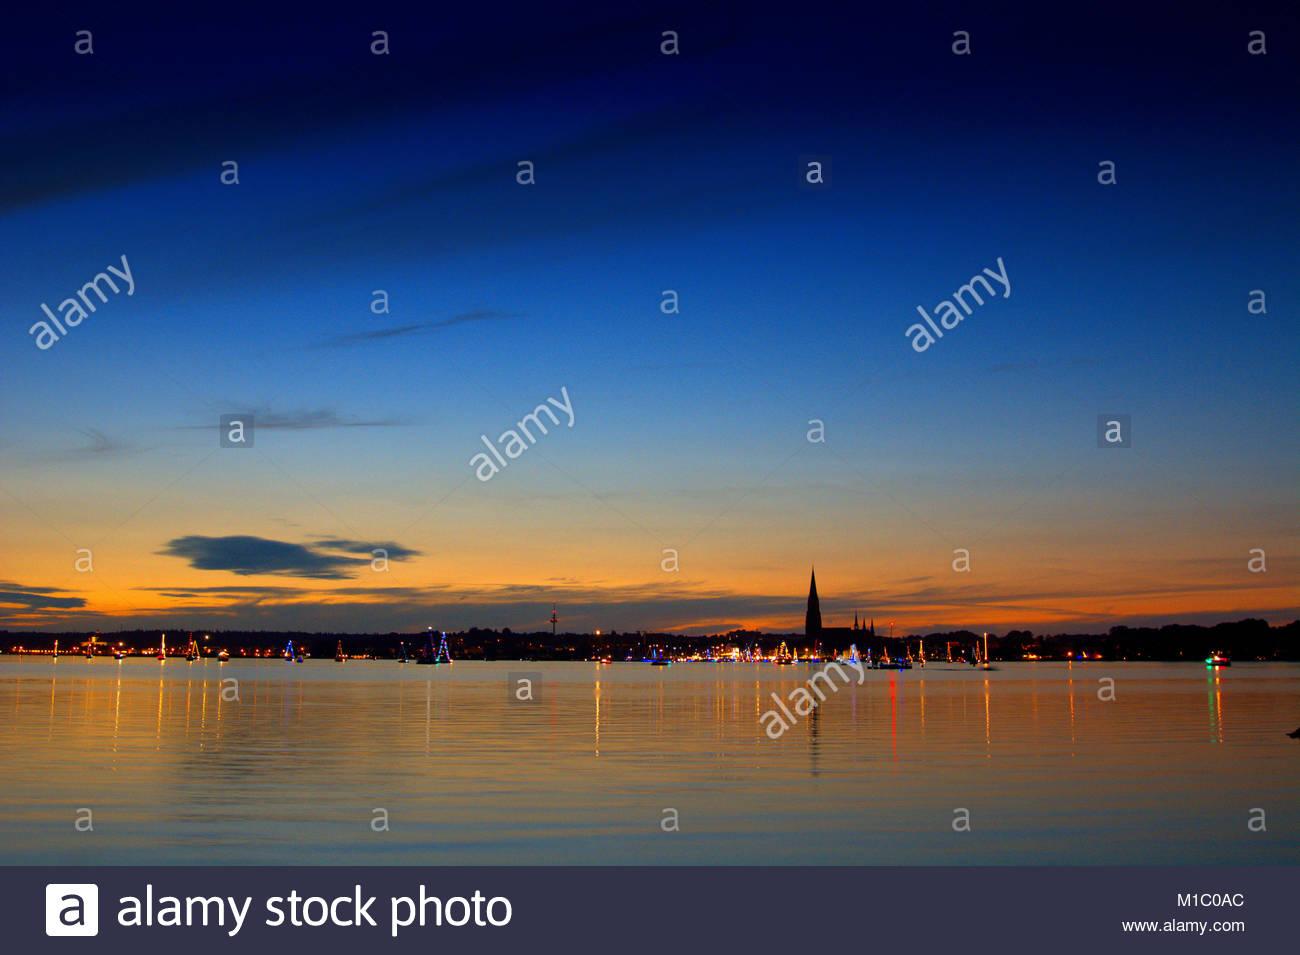 Die Skyline von Schleswig mit einem traumhaften Abendhimmel an einem schoenen Spaetsommerabend. Auf dem Wasser fahren - Stock Image